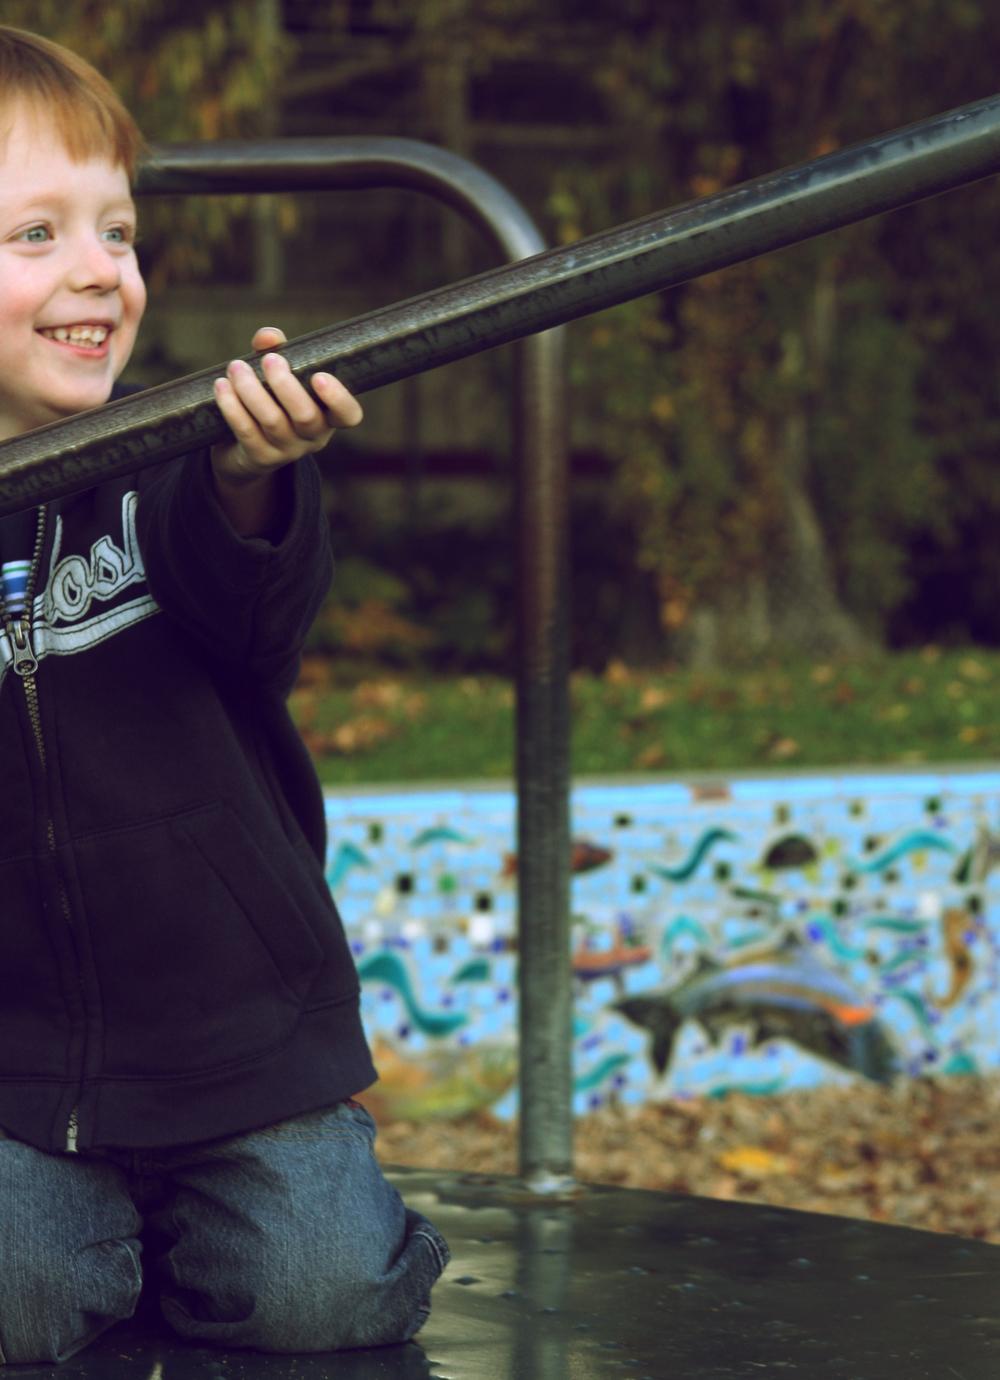 merry-go-round boy2.jpg